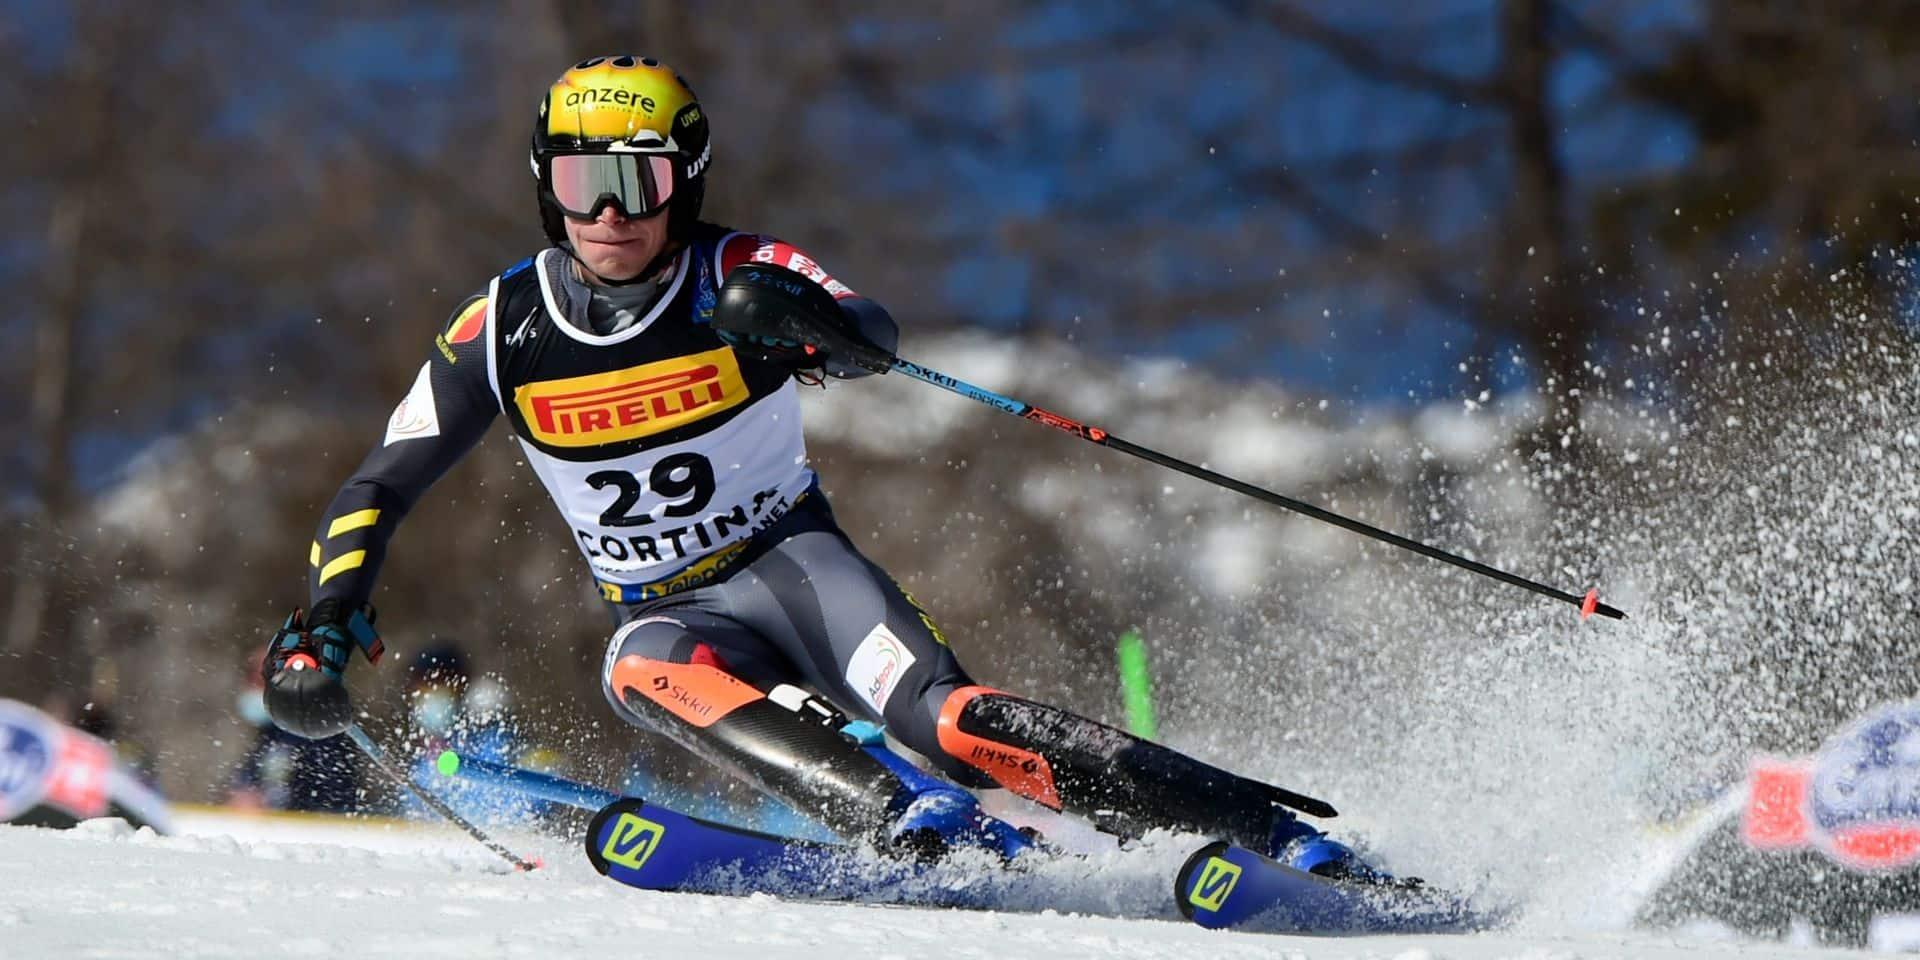 """Armand Marchant 10e du slalom aux championnats du monde : """"Un super résultat"""""""